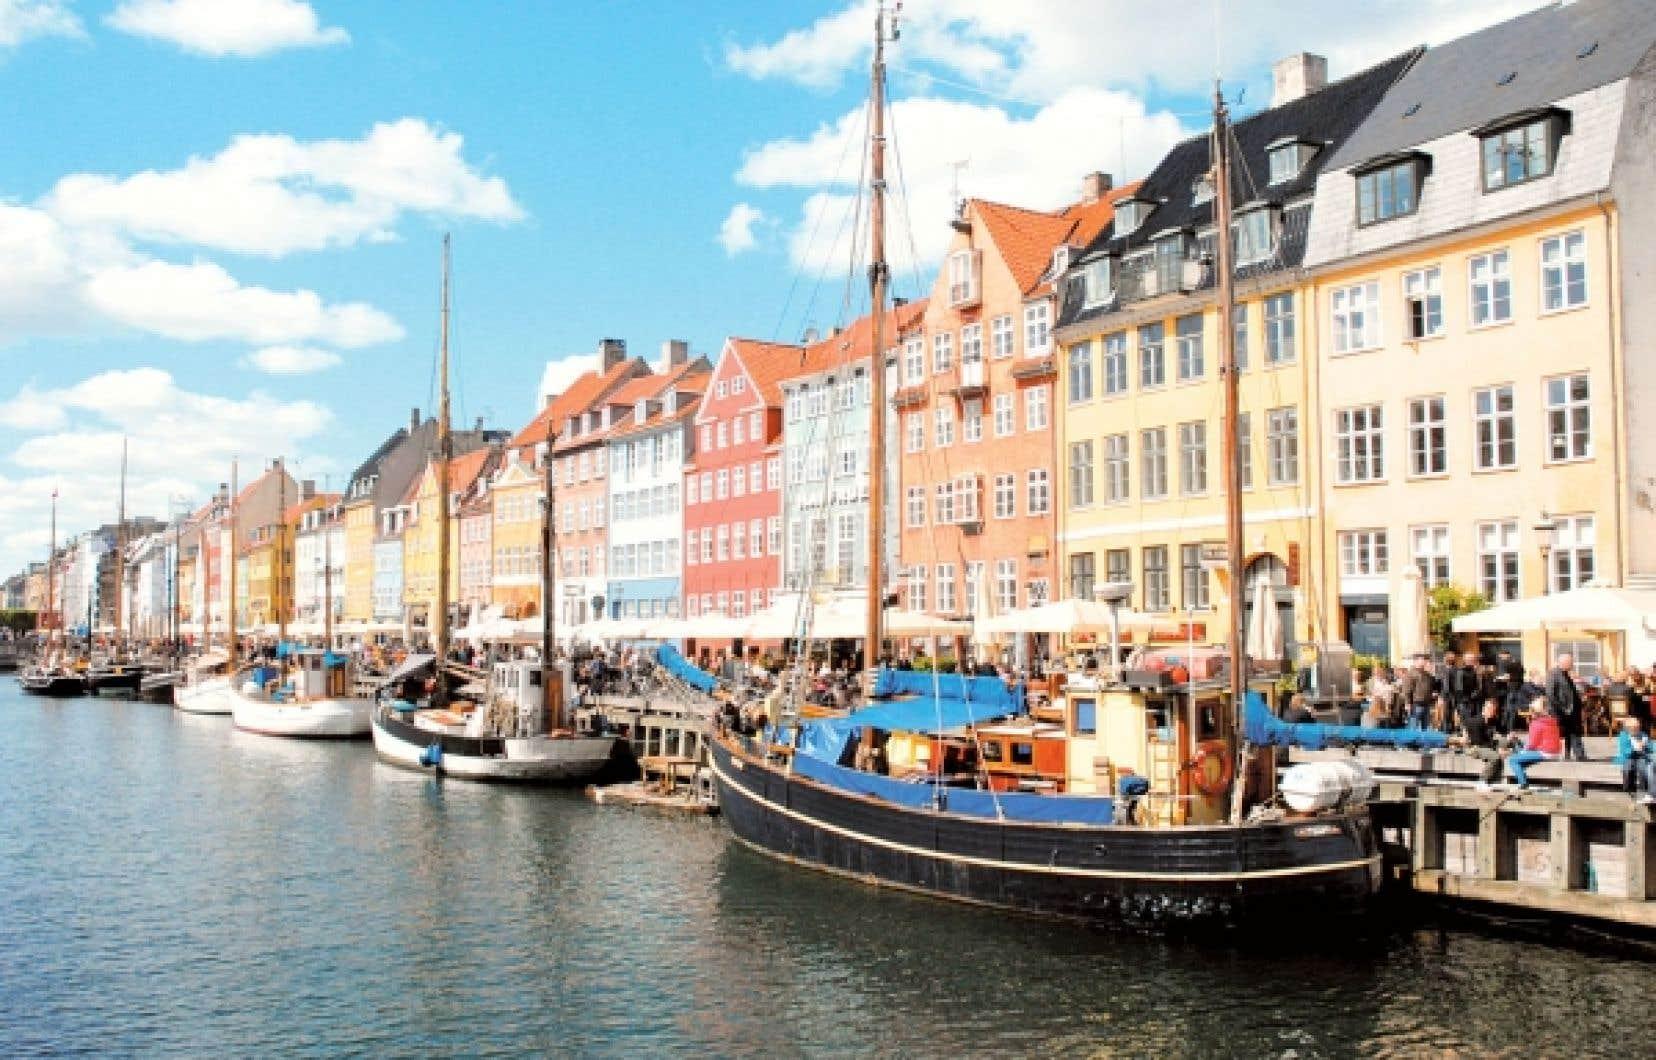 Le canal Nyhavn, mot qui signifie «nouveau port», au centre de la ville.